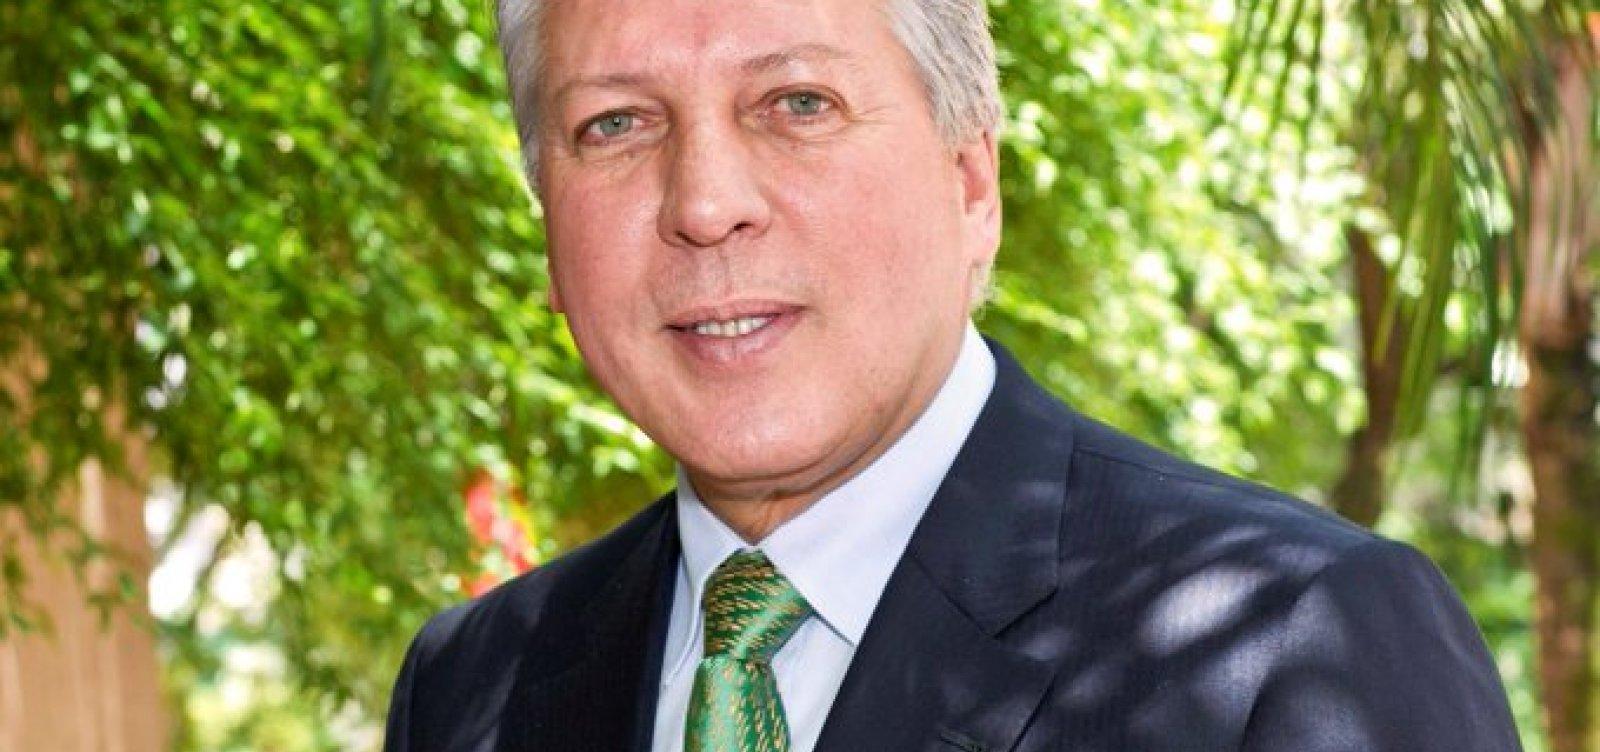 Ex-presidente da Braskem é preso por corrupção em Nova York